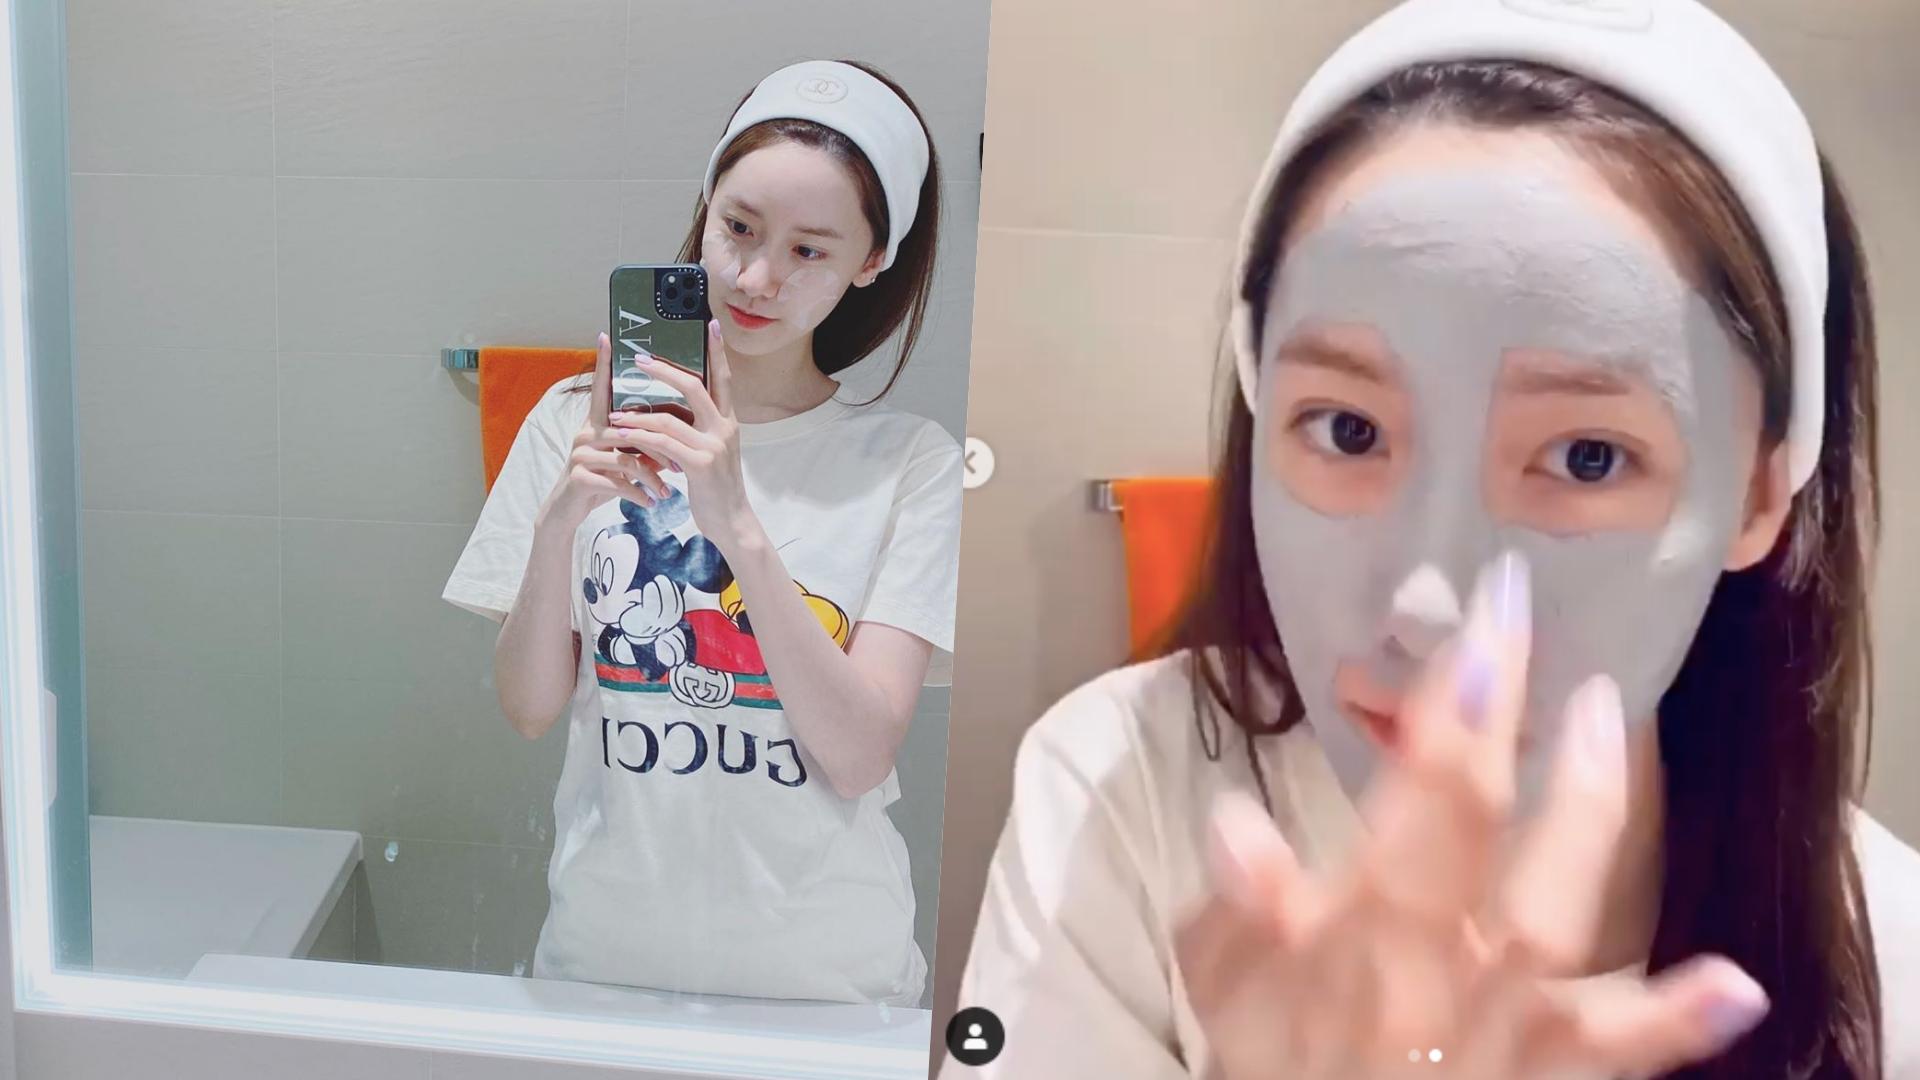 潤娥公開自己的素顏照,水嫩膚質令人羨慕!